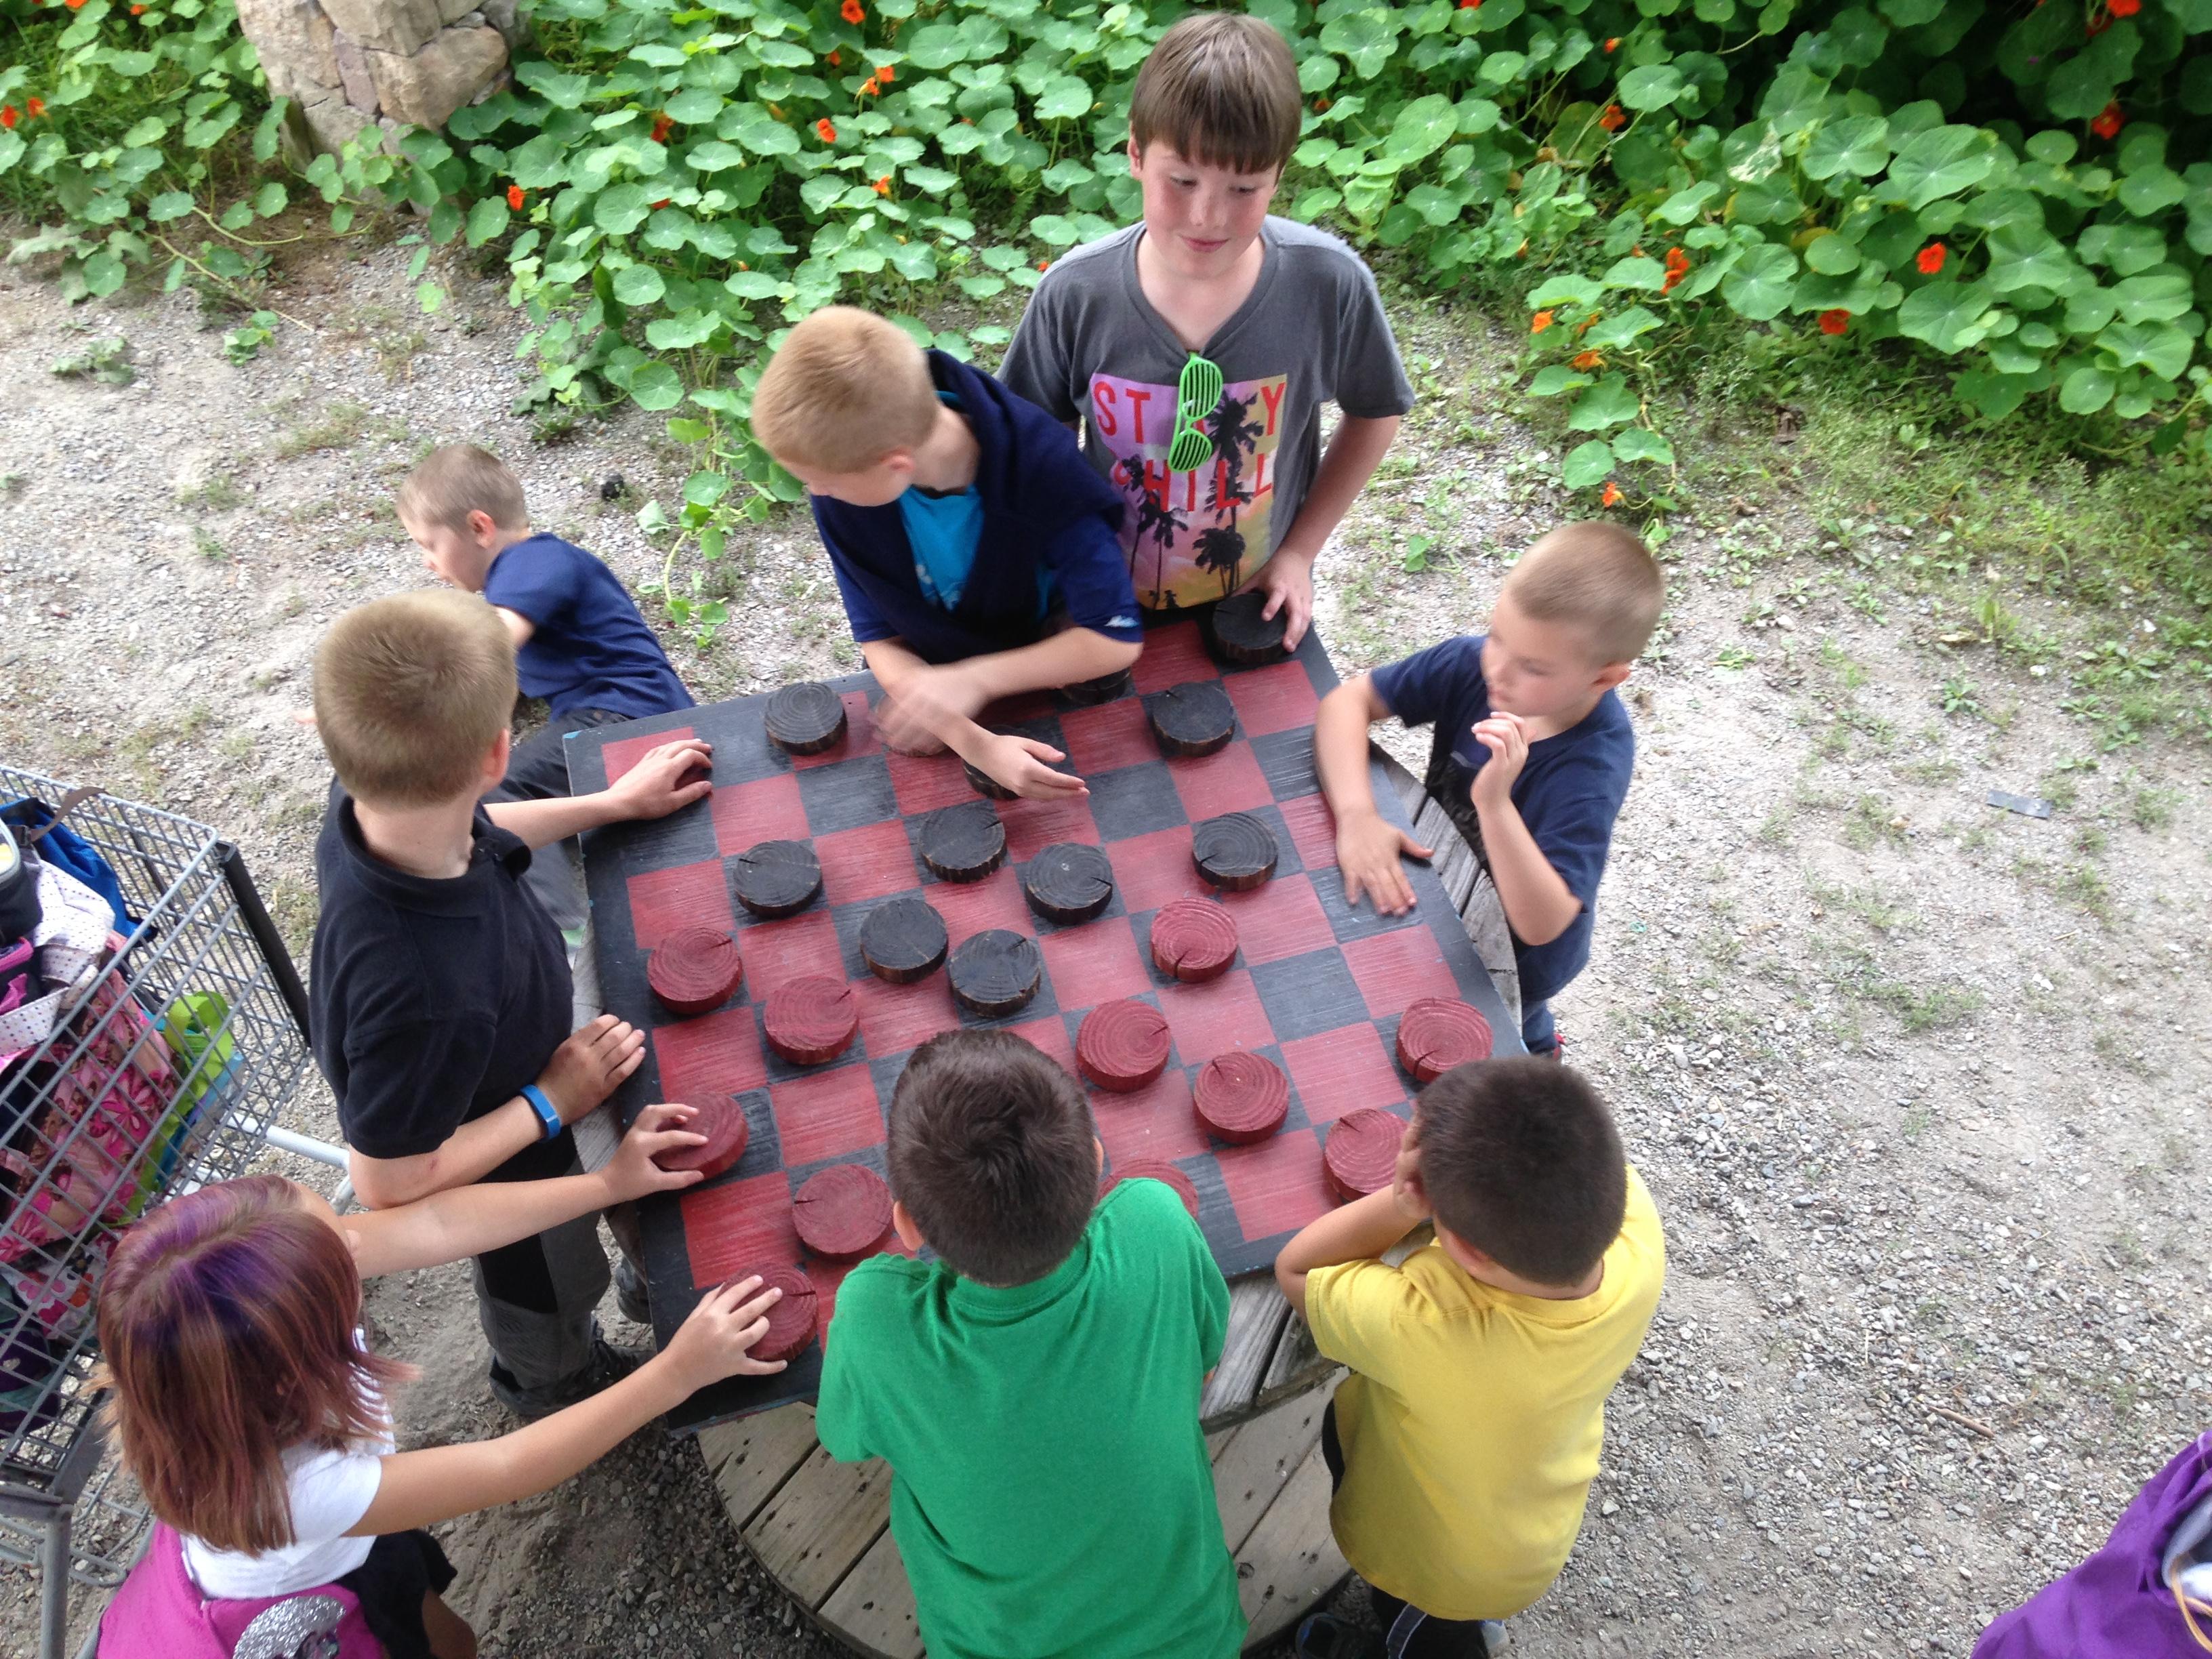 Beans & Greens Farm - farmstand kids che